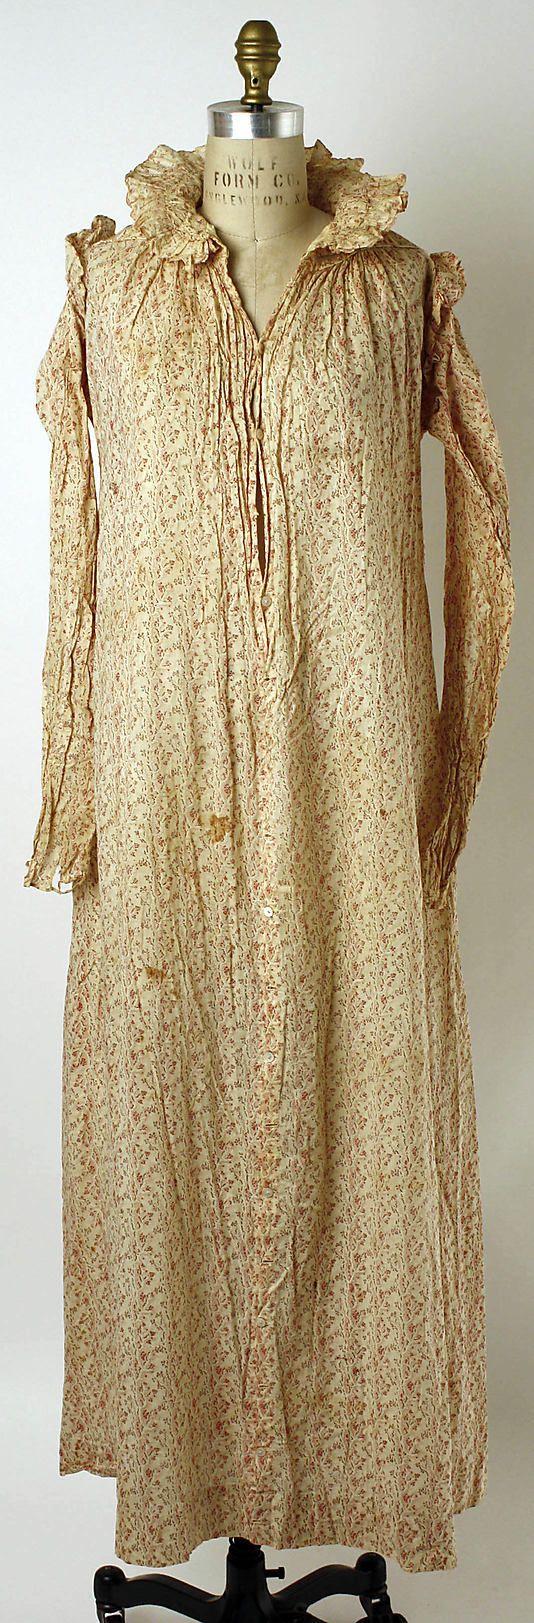 Dressing gown Date: ca. 1819 Culture: American Medium: cotton